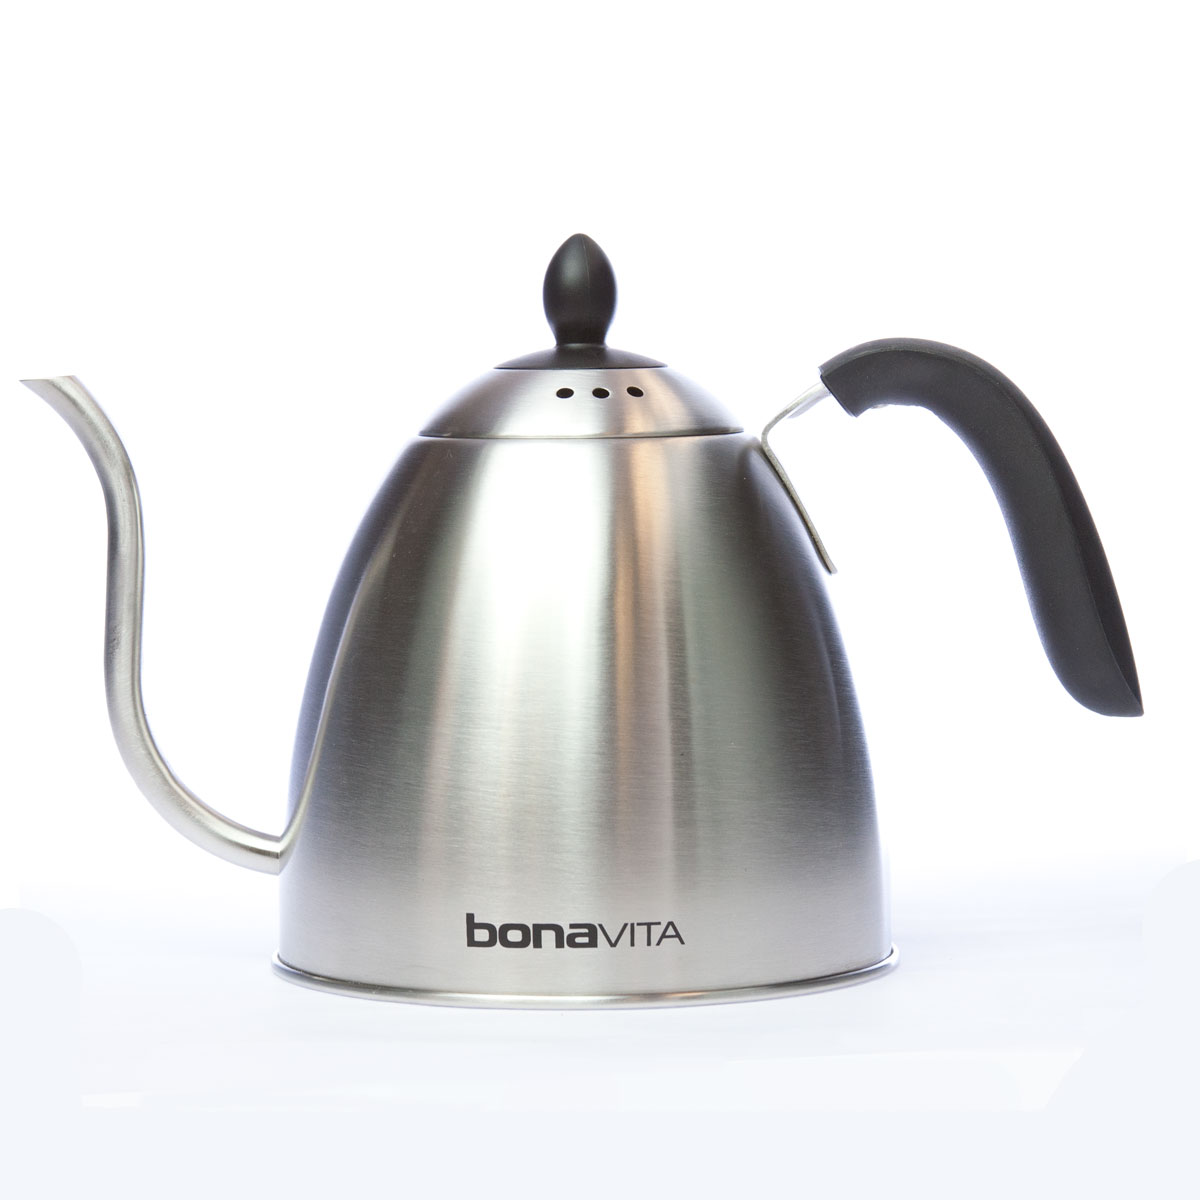 Bonavita Pouring Kettle - 1L